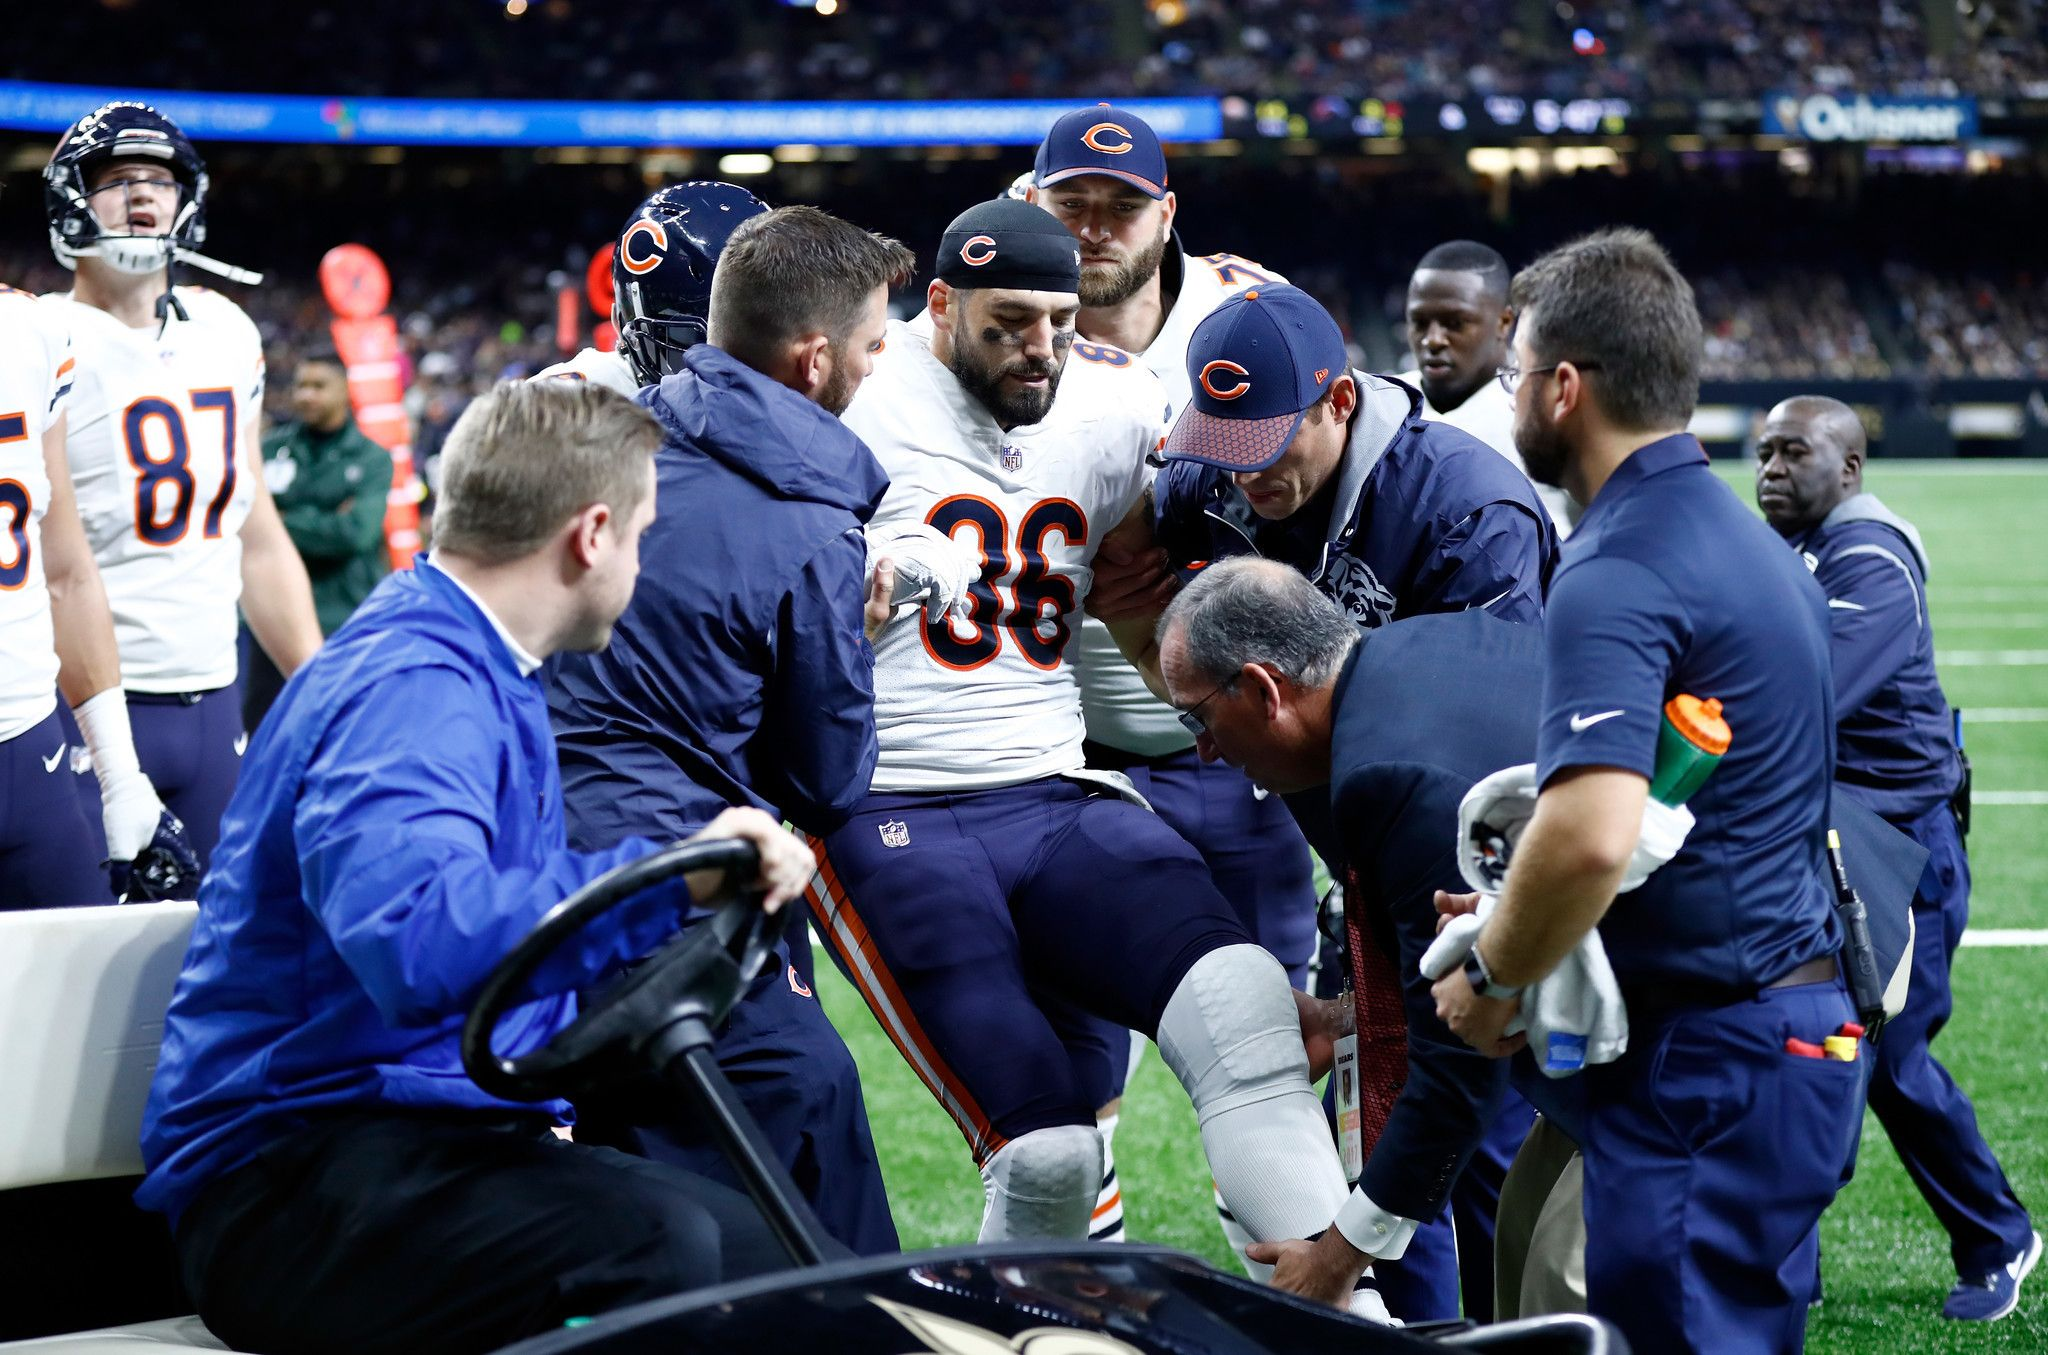 Zach Miller S Injury Won T Diminish His Huge Impact On The Bears Knee Injury Football Injury Leg Injury